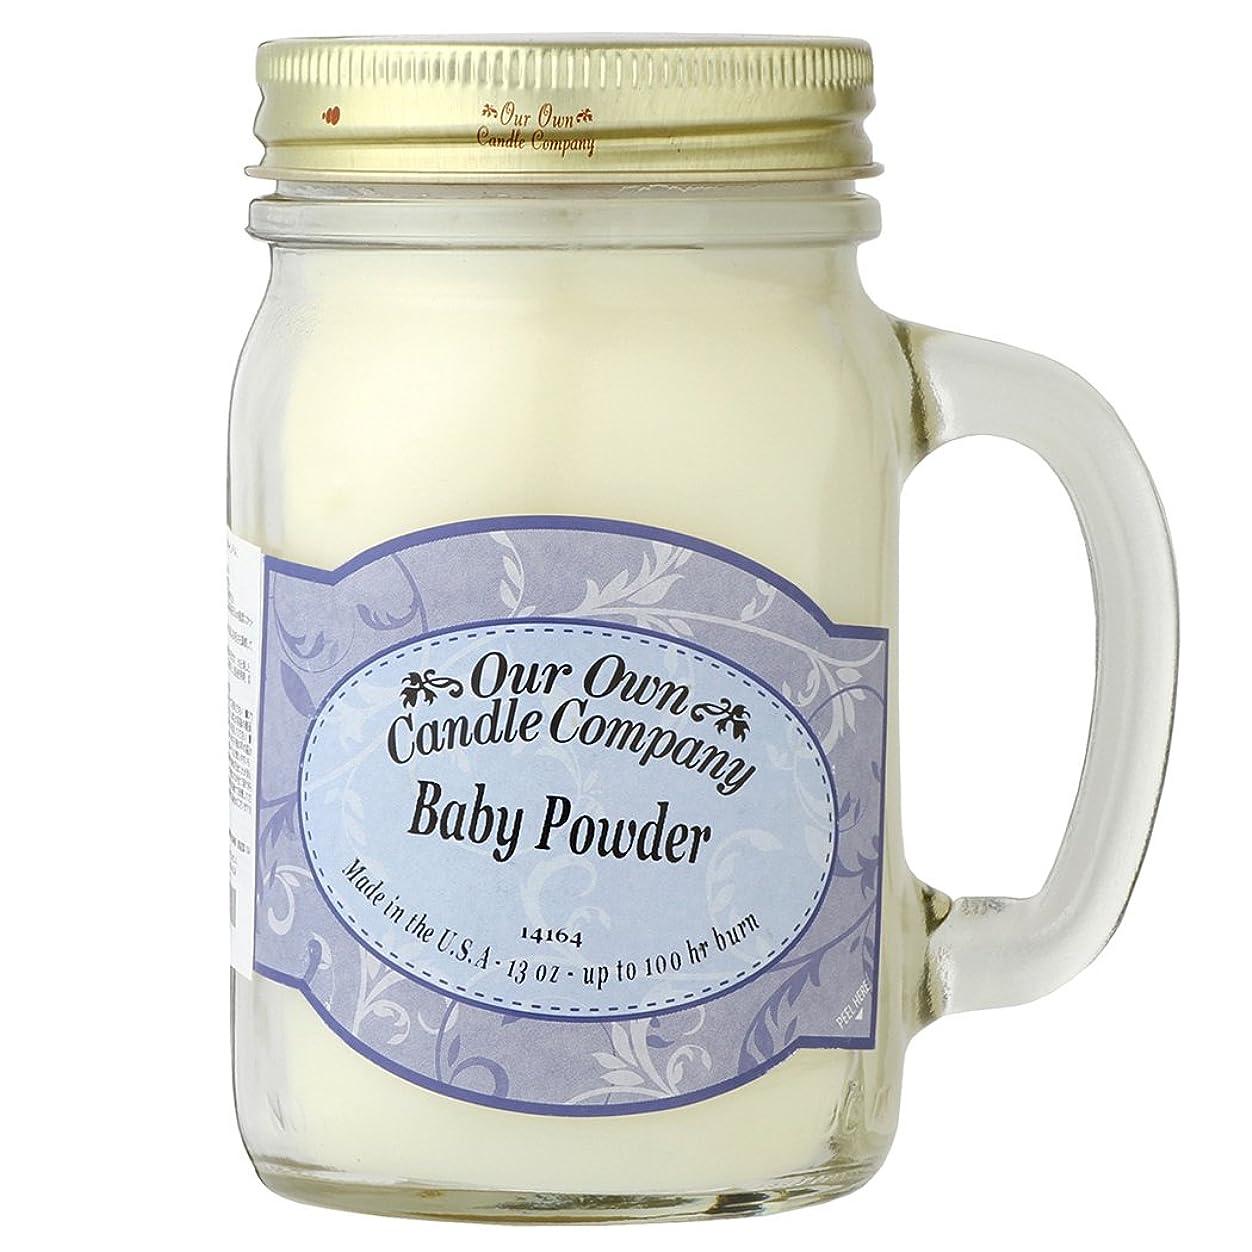 剪断真夜中普通のOur Own Candle Company メイソンジャーキャンドル ラージサイズ ベビーパウダー OU100010